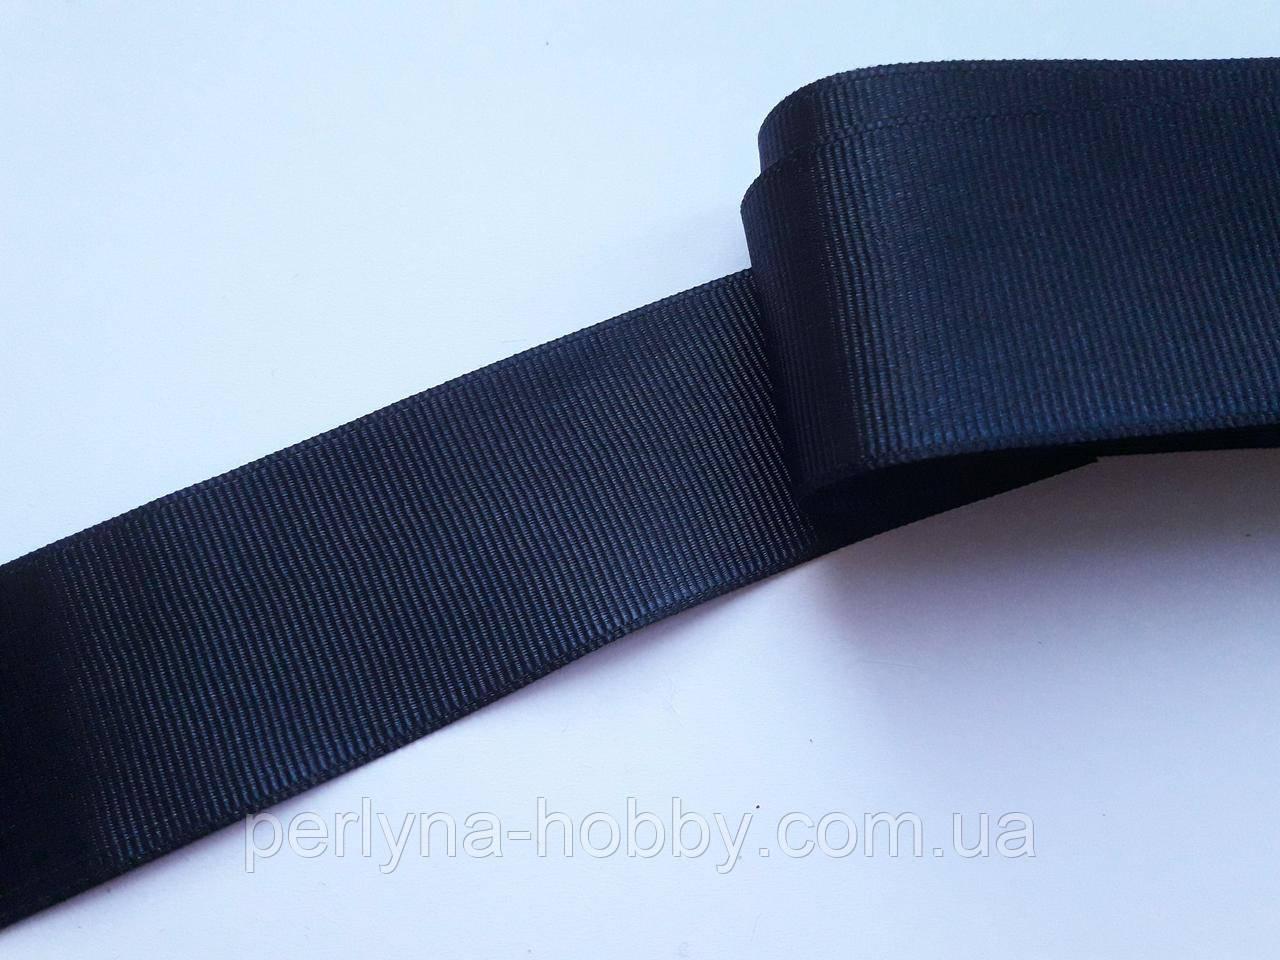 Тесьма лента репсовая широкая Стрічка репсова 4см 40 мм, темно-синя, найтемніша №99. Туреччина